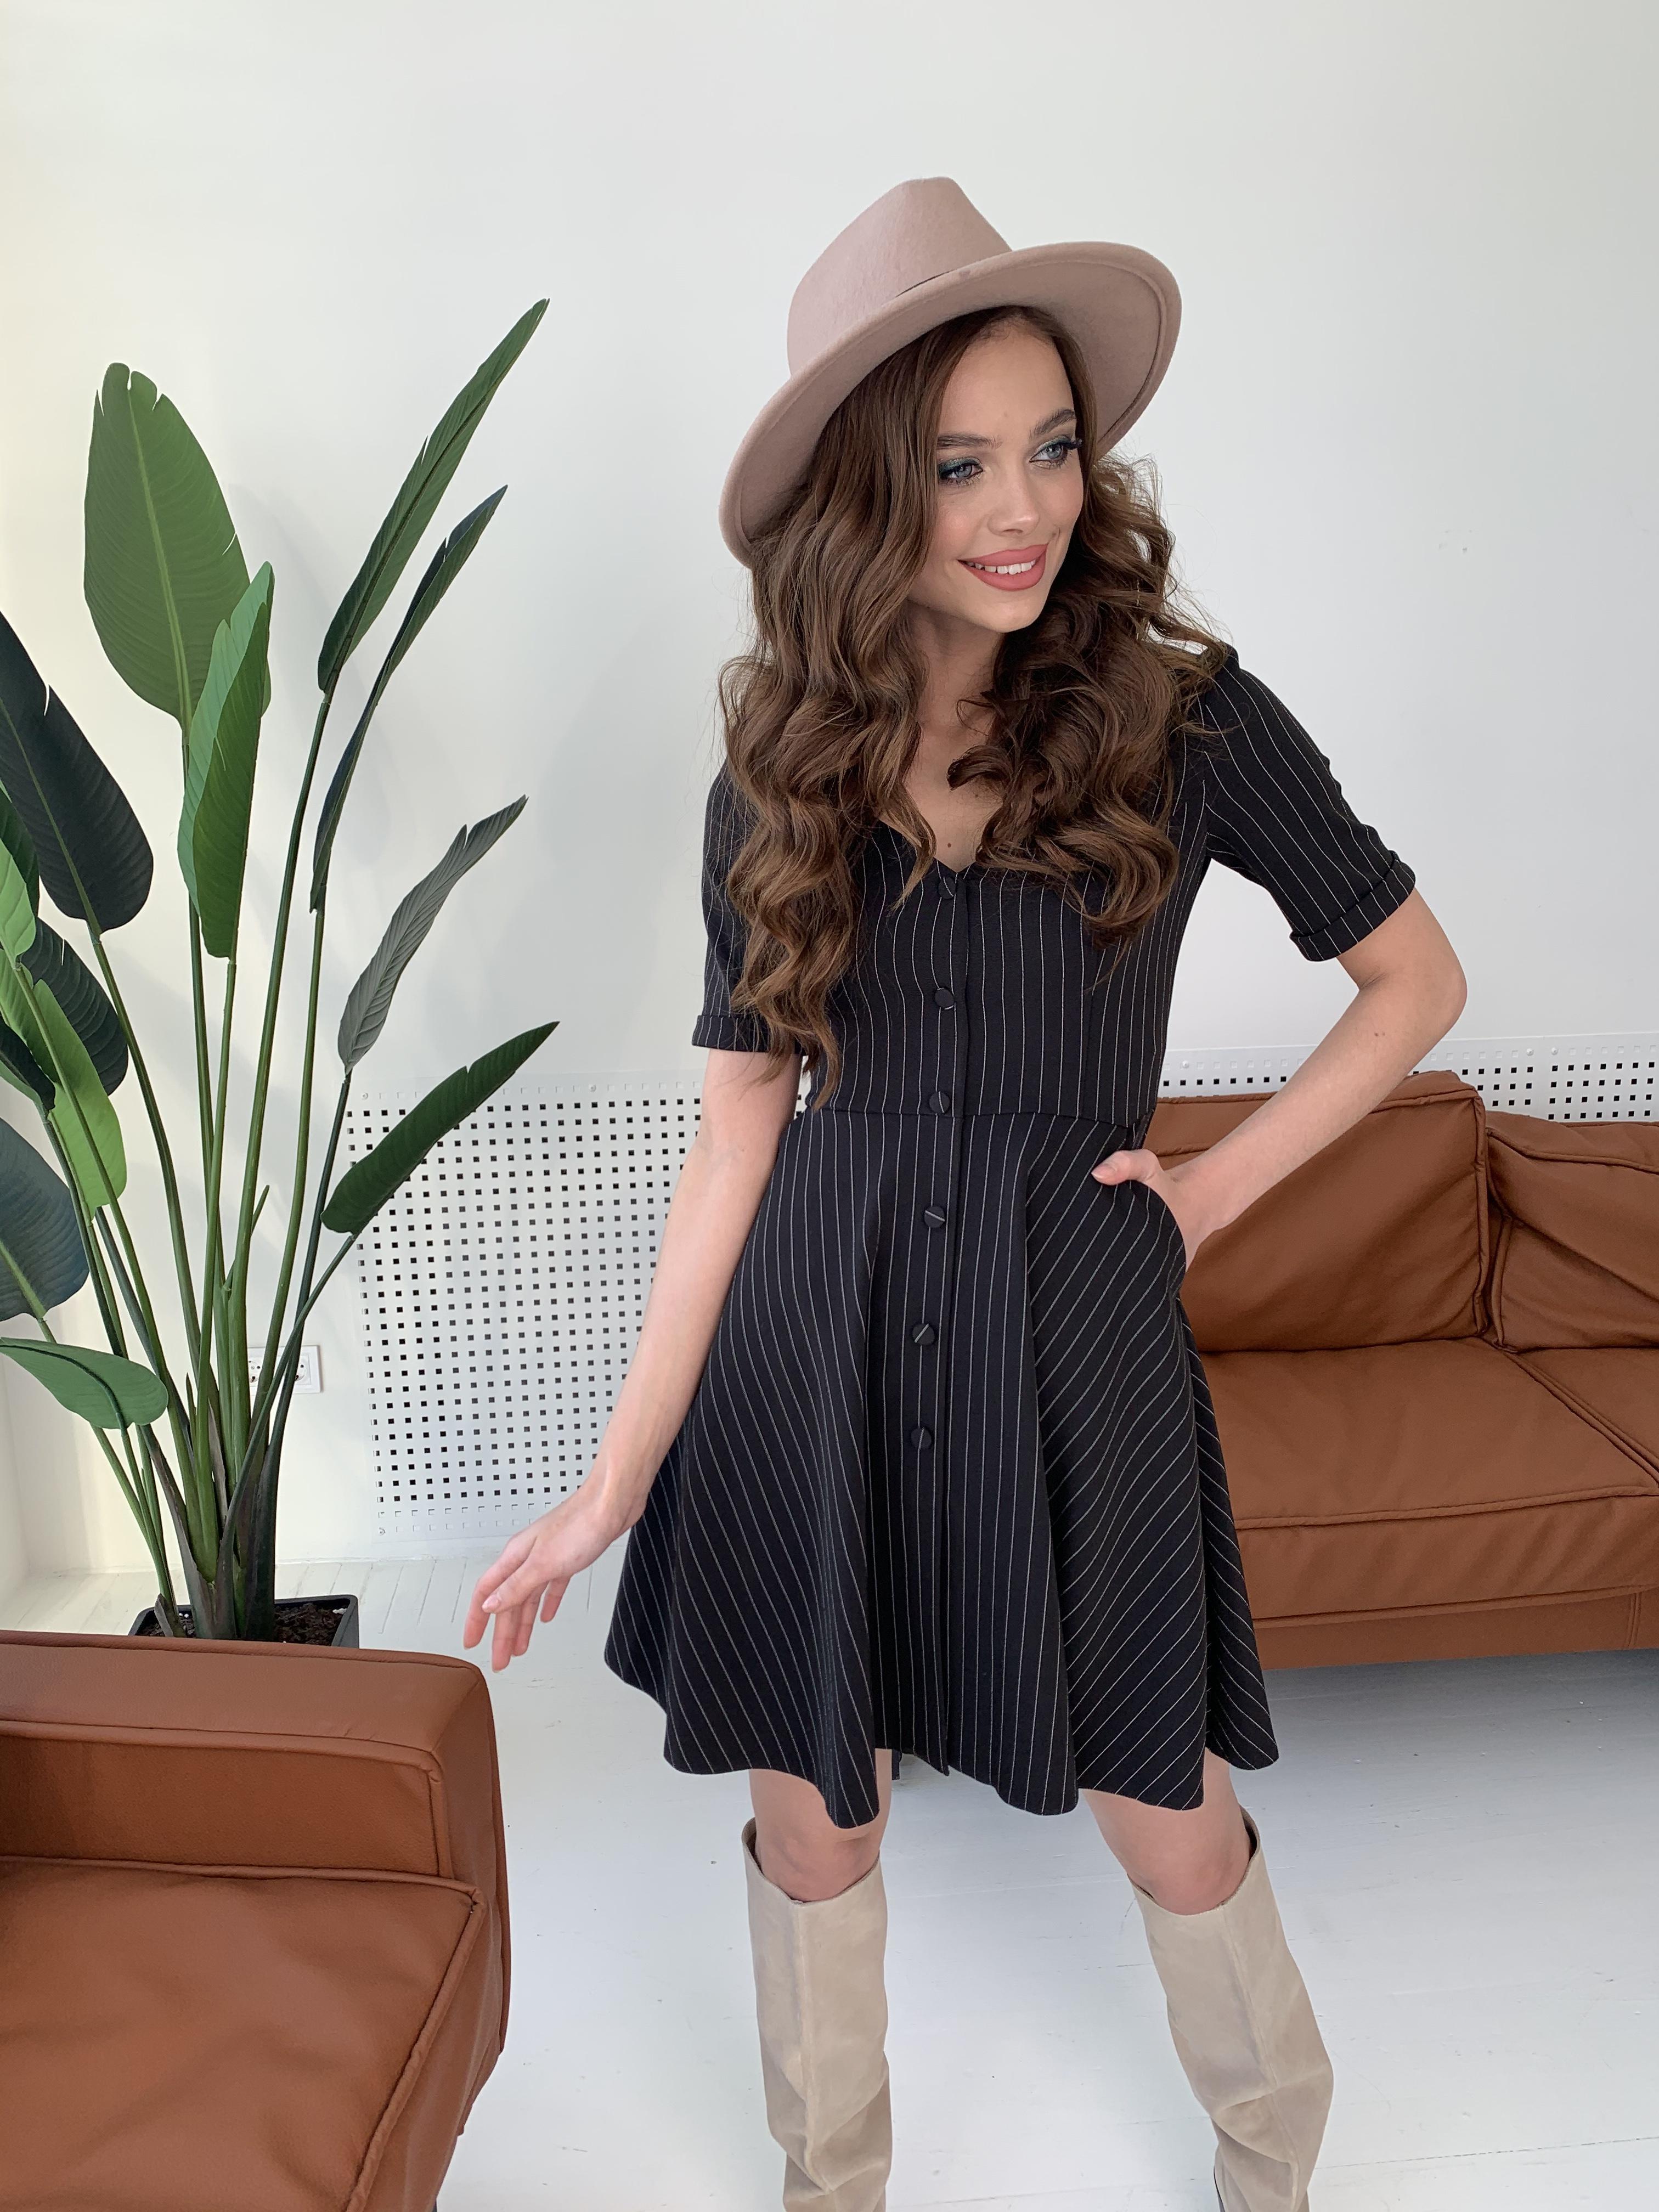 Платье Фернанда 7916 АРТ. 43848 Цвет: Полоска тон чер/бел - фото 3, интернет магазин tm-modus.ru